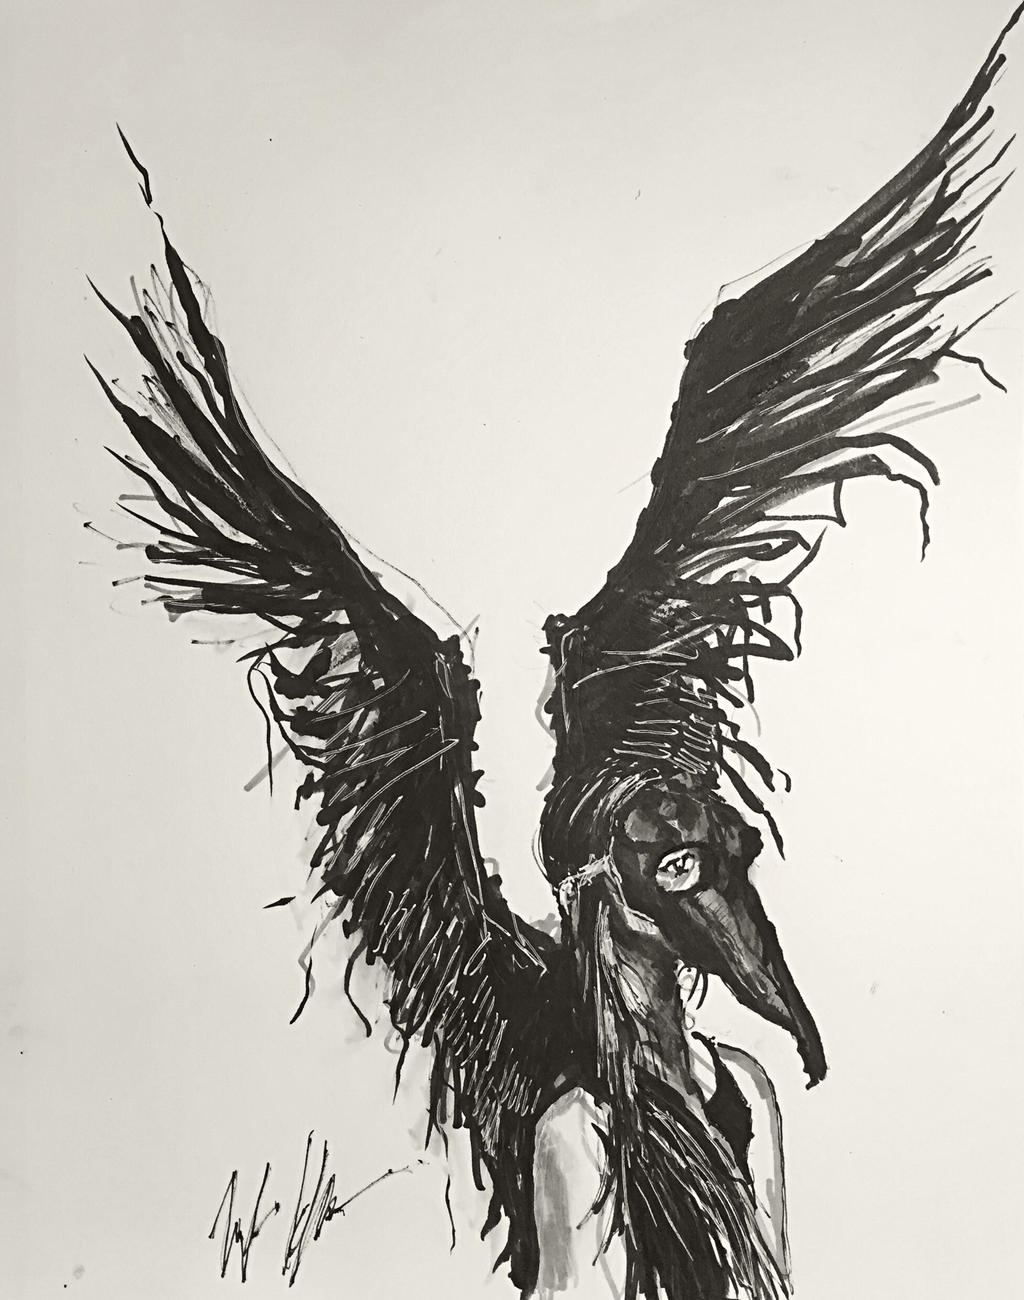 Black Cygnet by TyStaDye